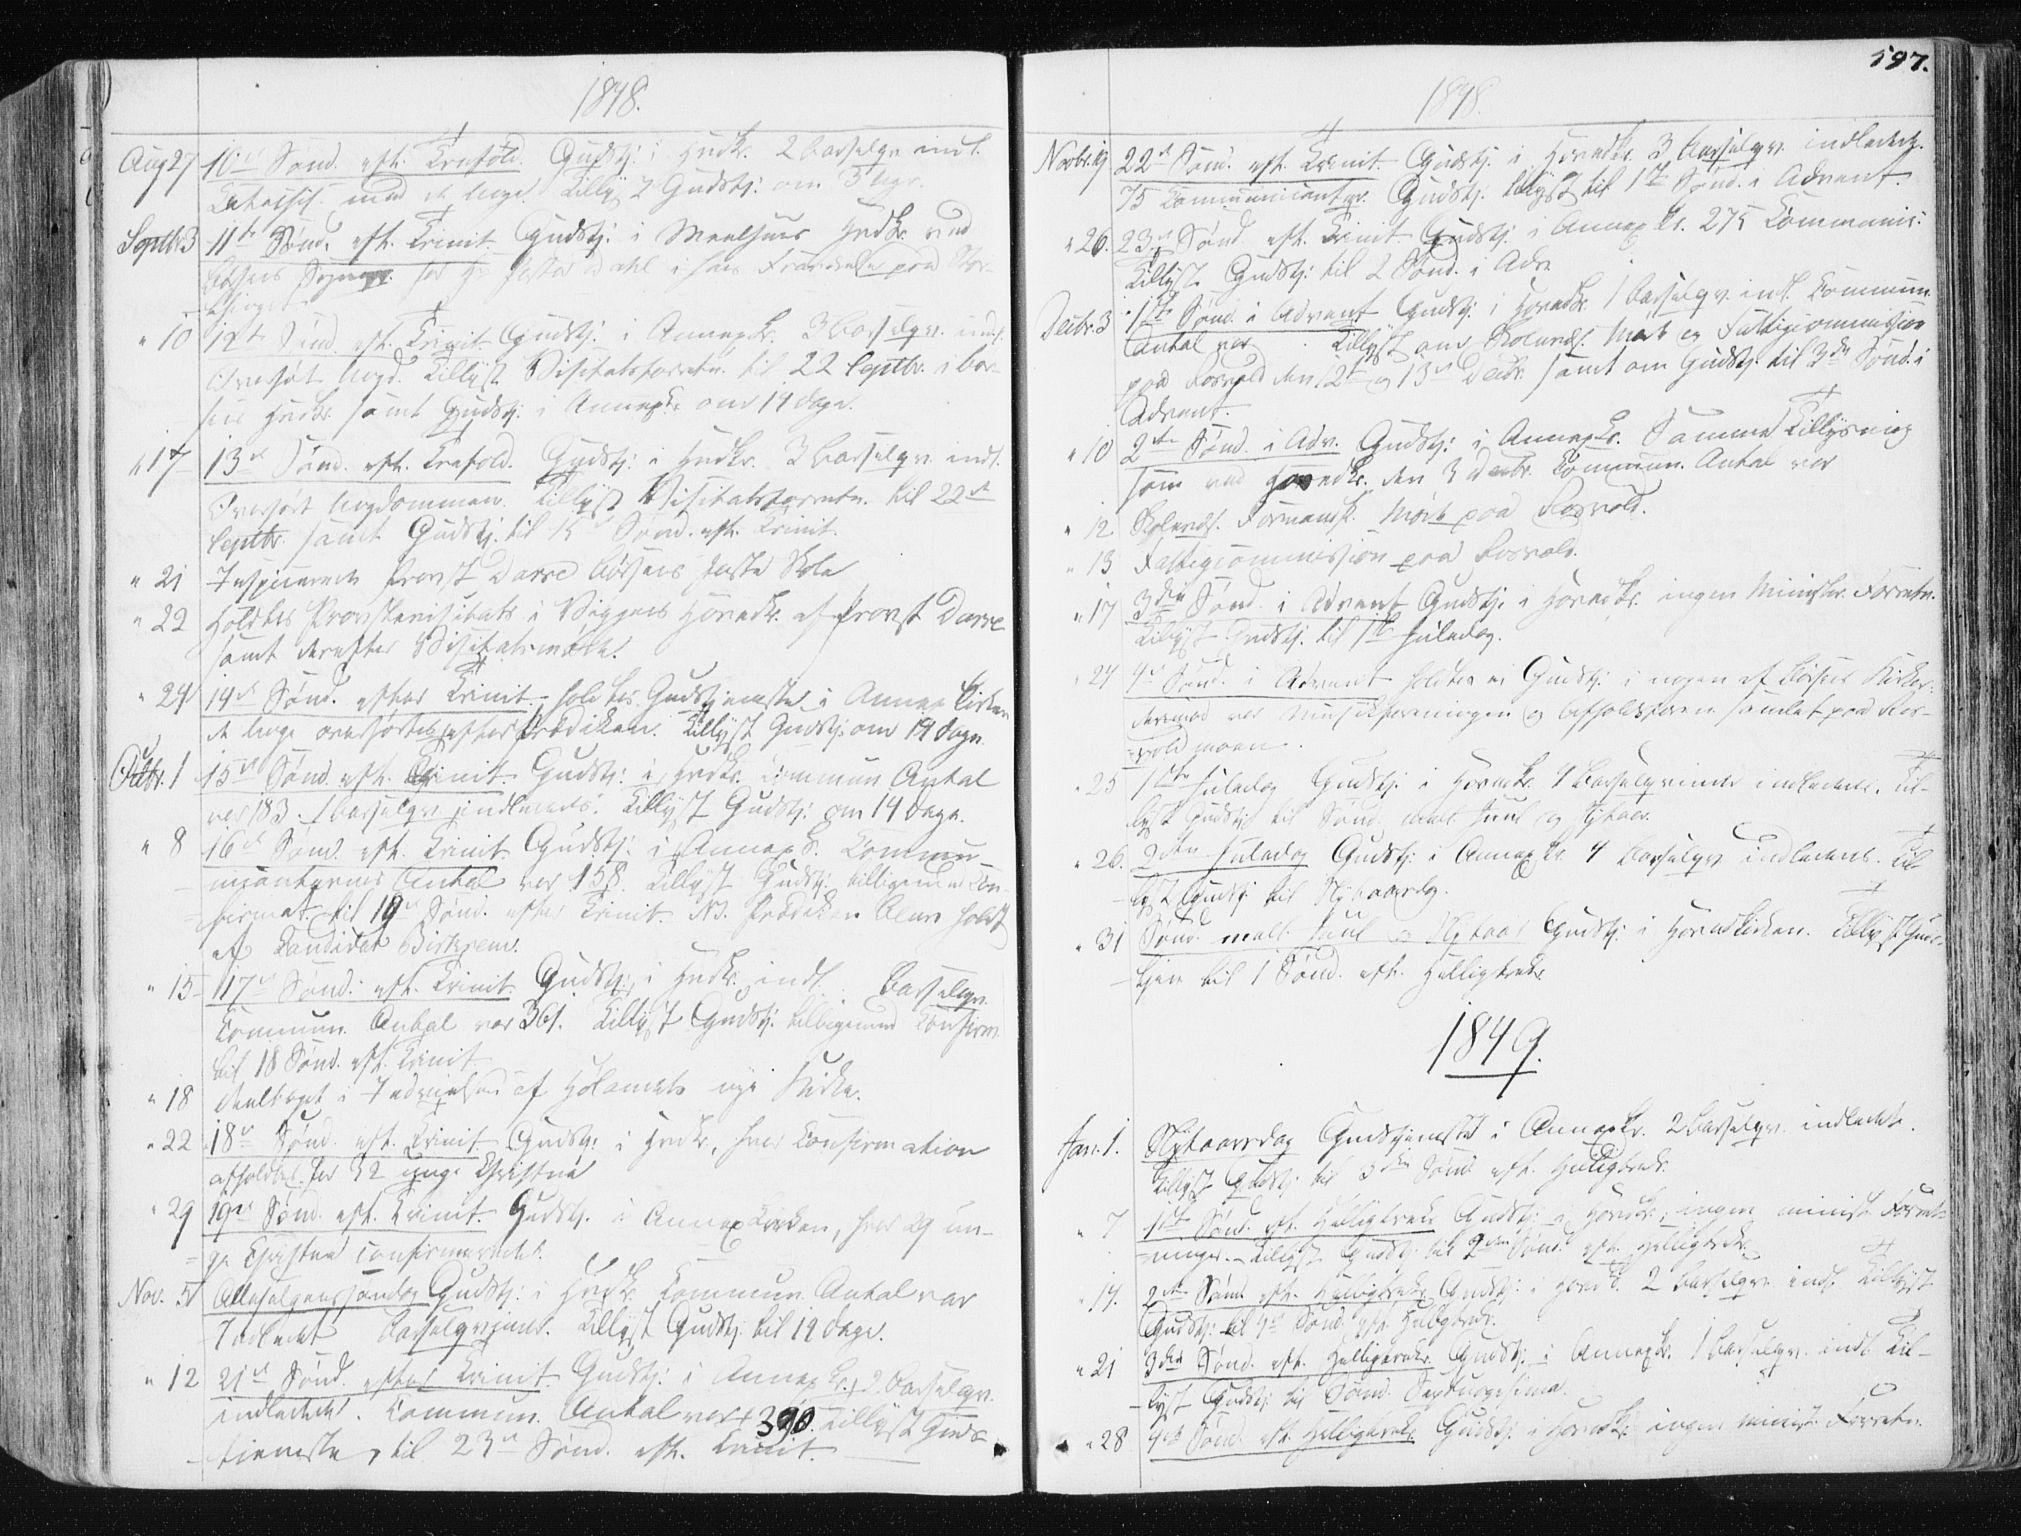 SAT, Ministerialprotokoller, klokkerbøker og fødselsregistre - Sør-Trøndelag, 665/L0771: Ministerialbok nr. 665A06, 1830-1856, s. 597